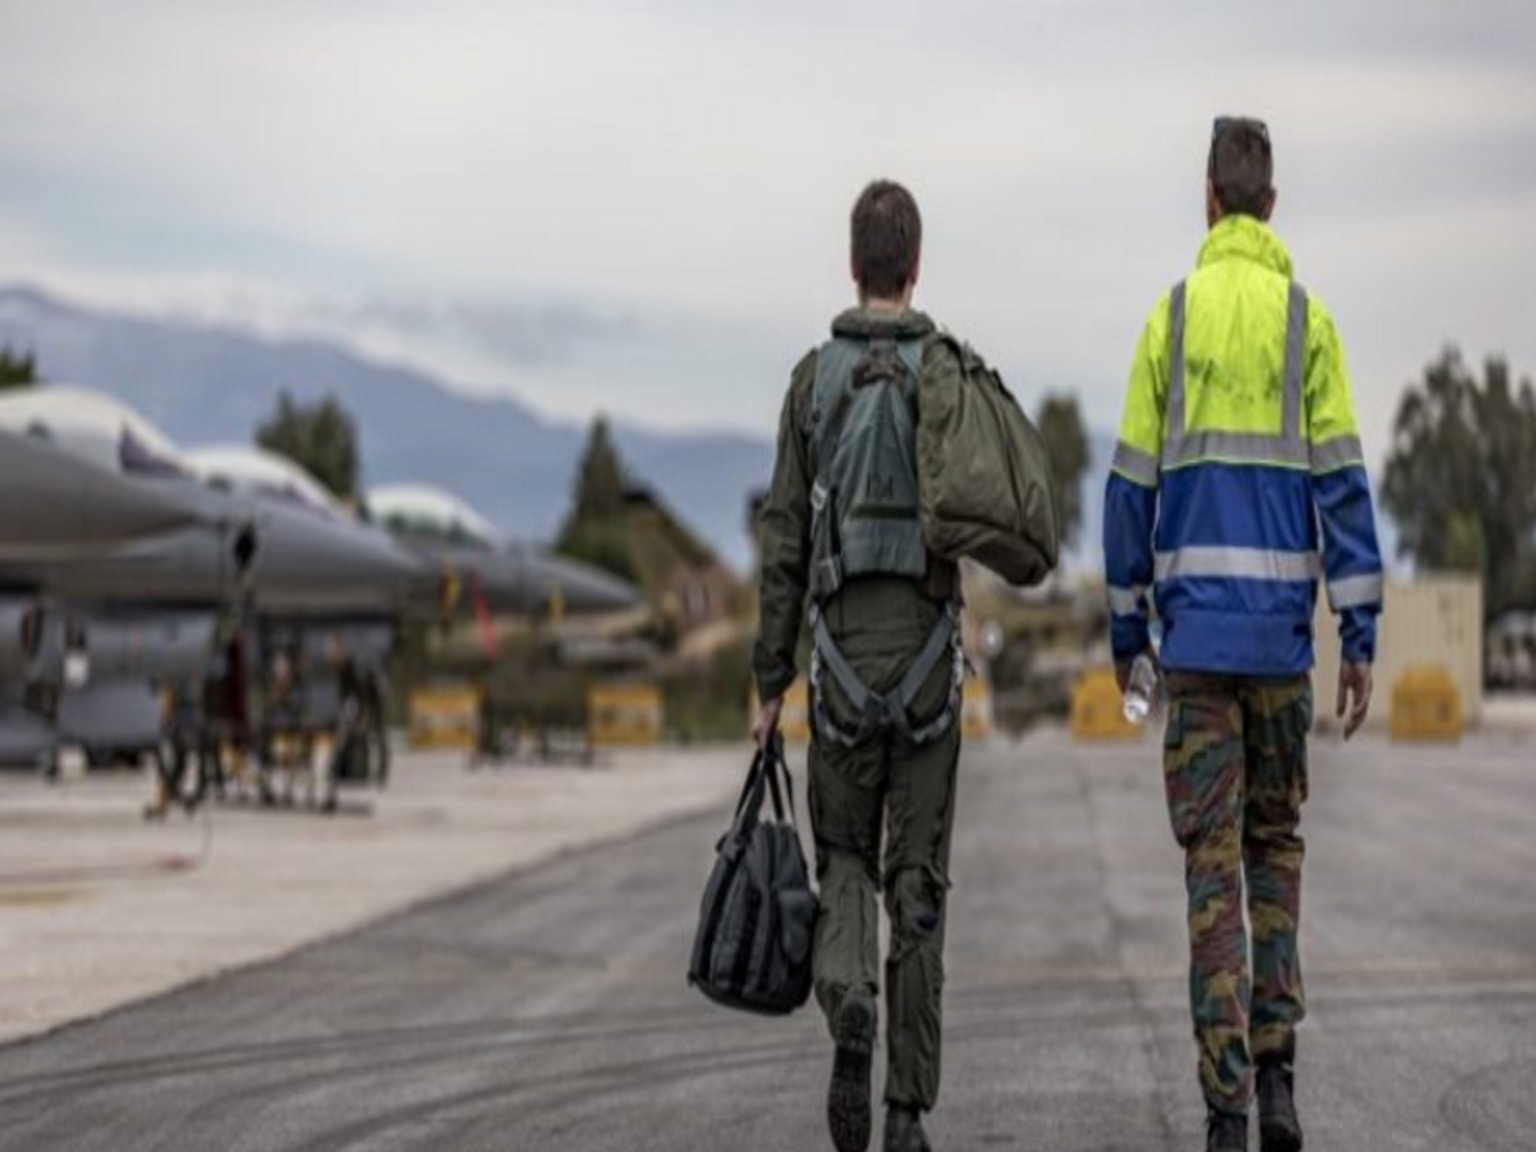 Θετικοί στον κορονοϊό δύο ανθυποσμηναγοί της Πολεμικής Αεροπορίας! Επέστρεψαν πρόσφατα από την Ιταλία